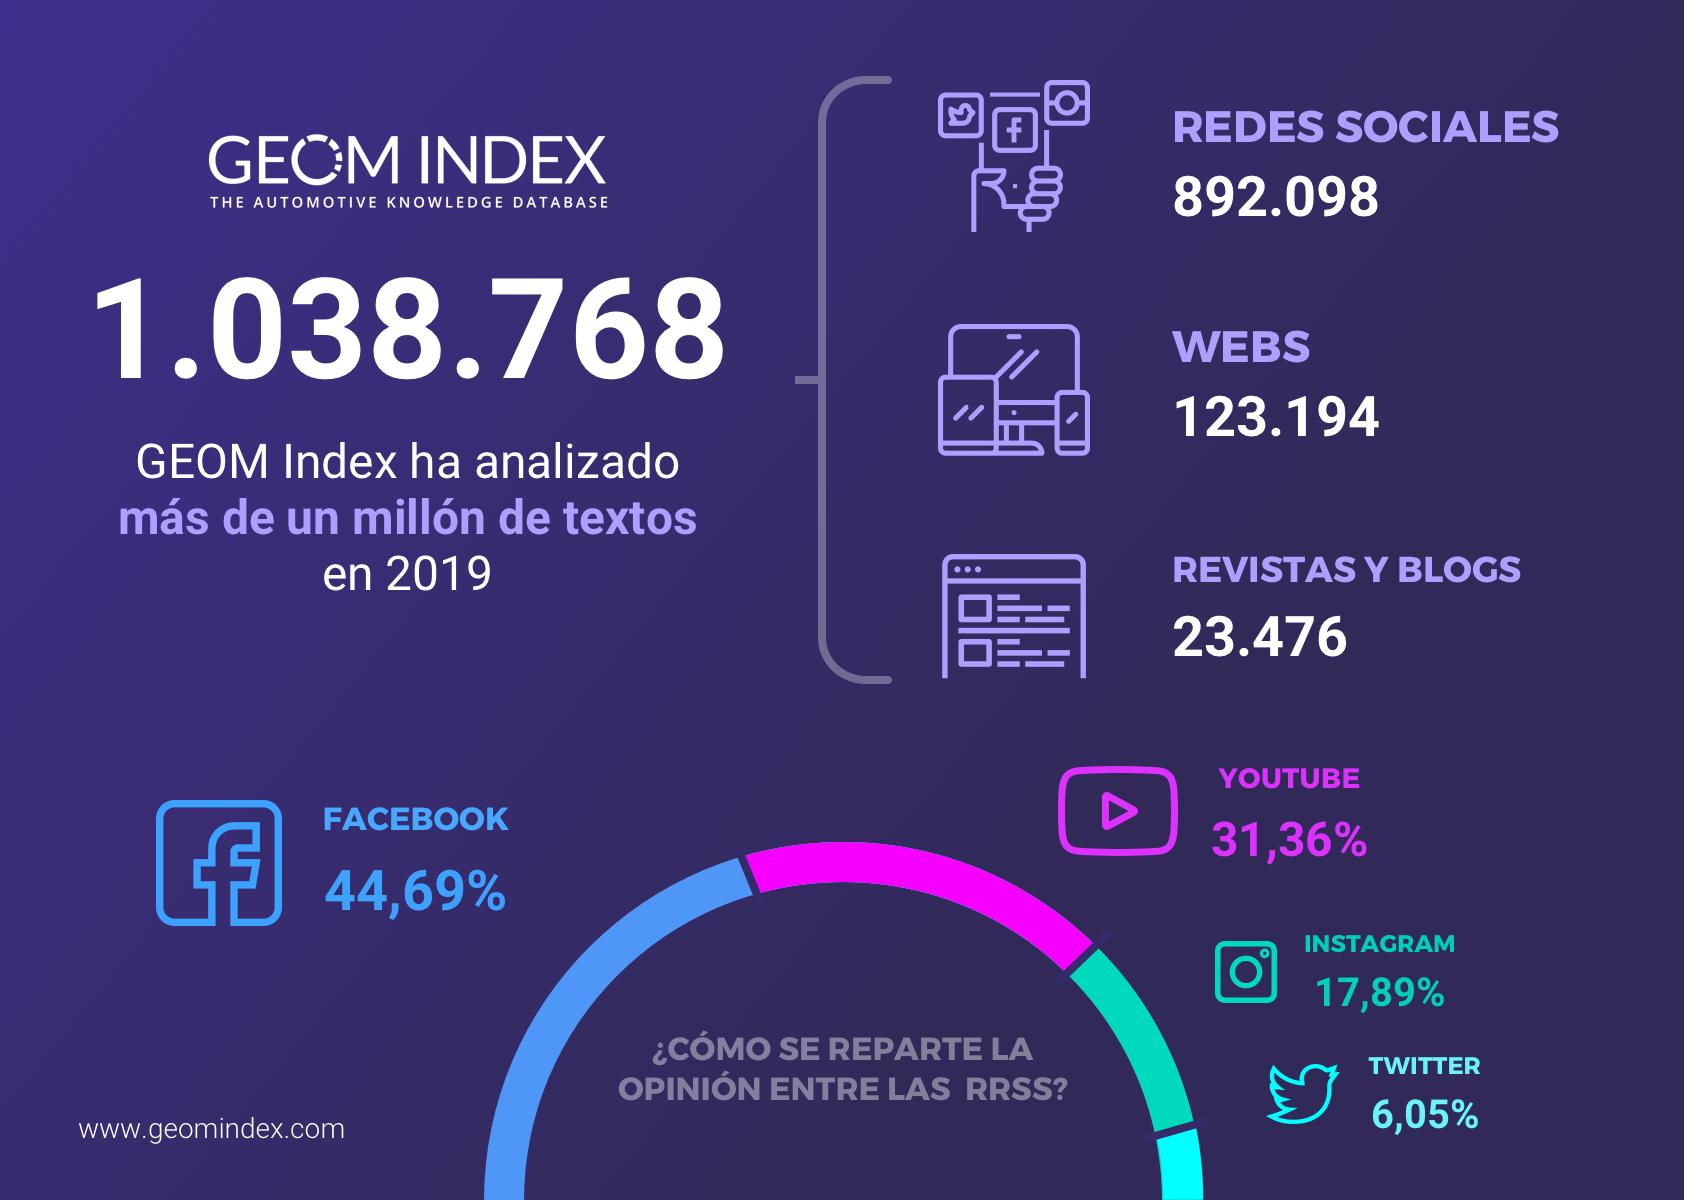 Nuevo récord: más de un millón de textos analizados en 2019